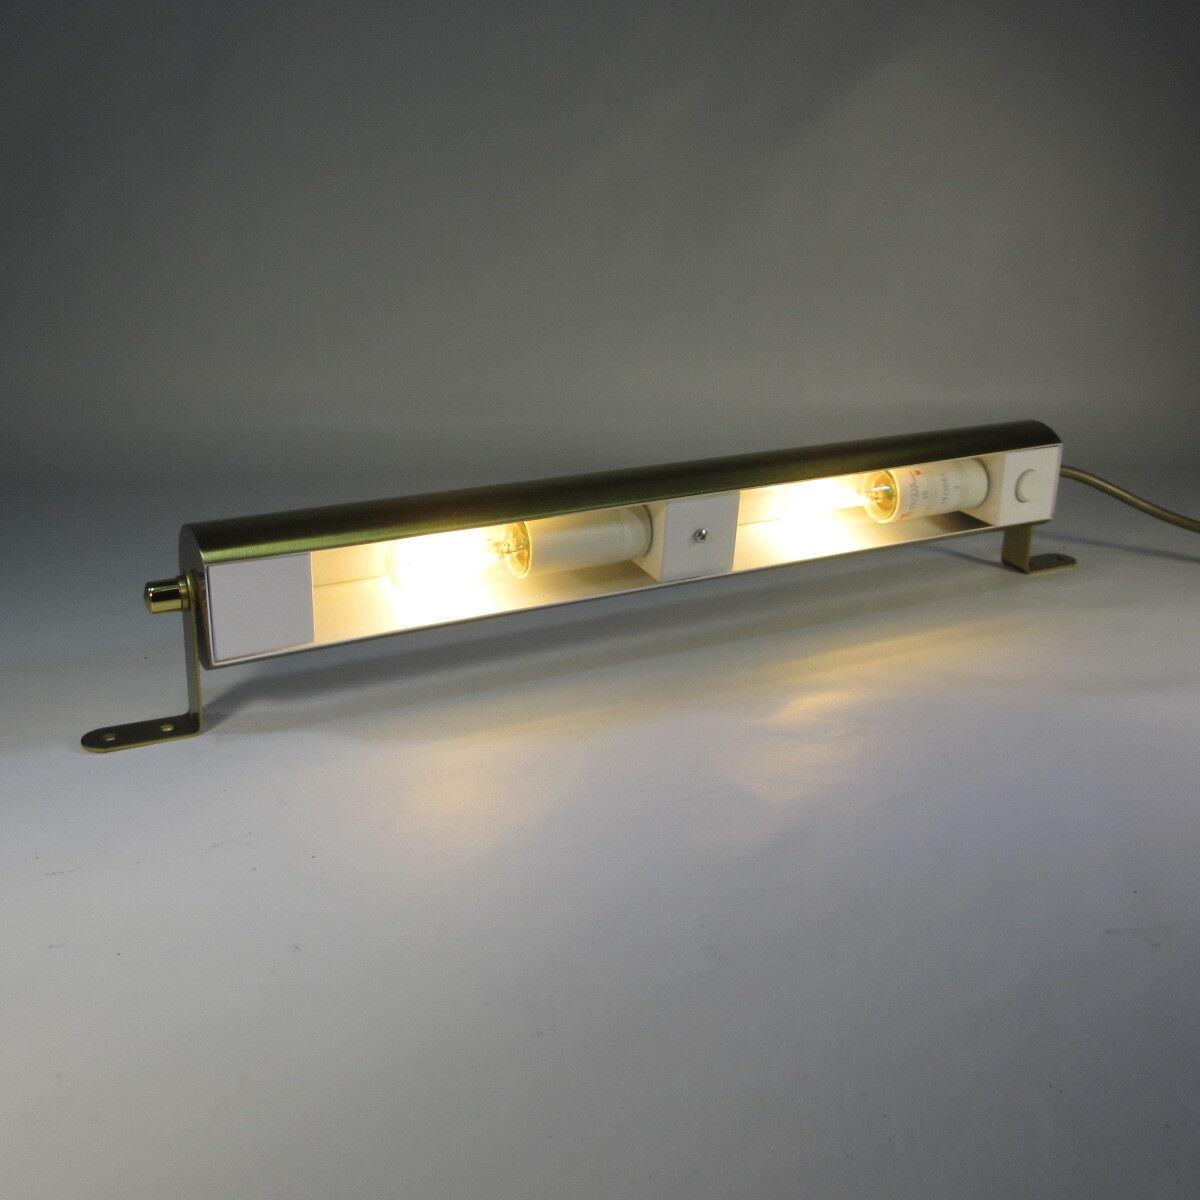 40cm Messing Bilderlampe Schalter Spiegellampe Bilderleuchte Gemälde Leuchte Nr2